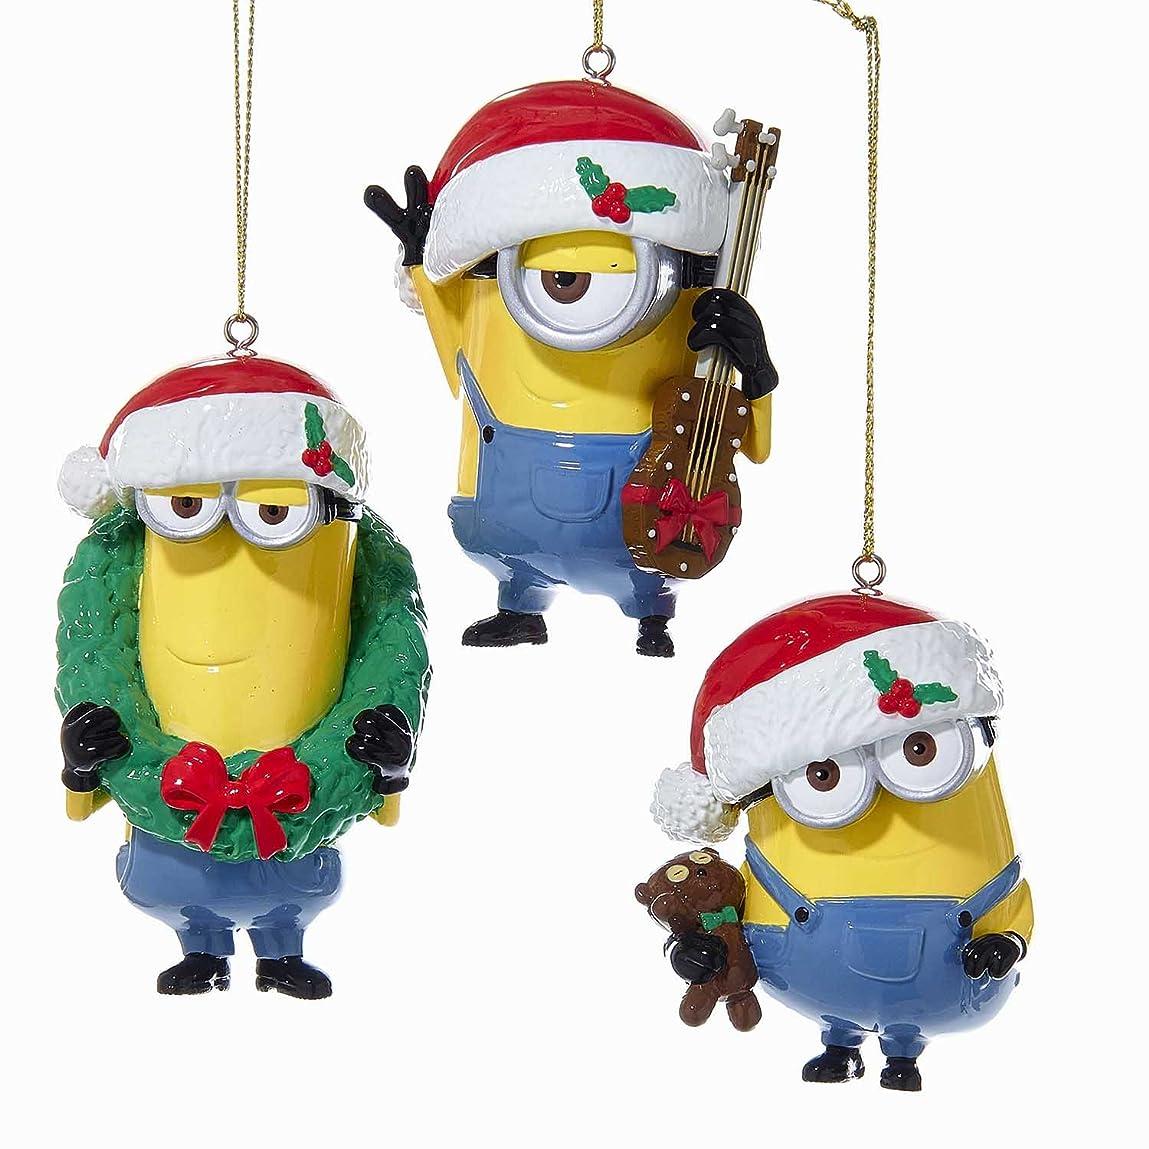 通知するモトリー花嫁ミニオンズ クリスマス デコレーション ケビン スチュアート ボブ Minion Christmas 並行輸入品